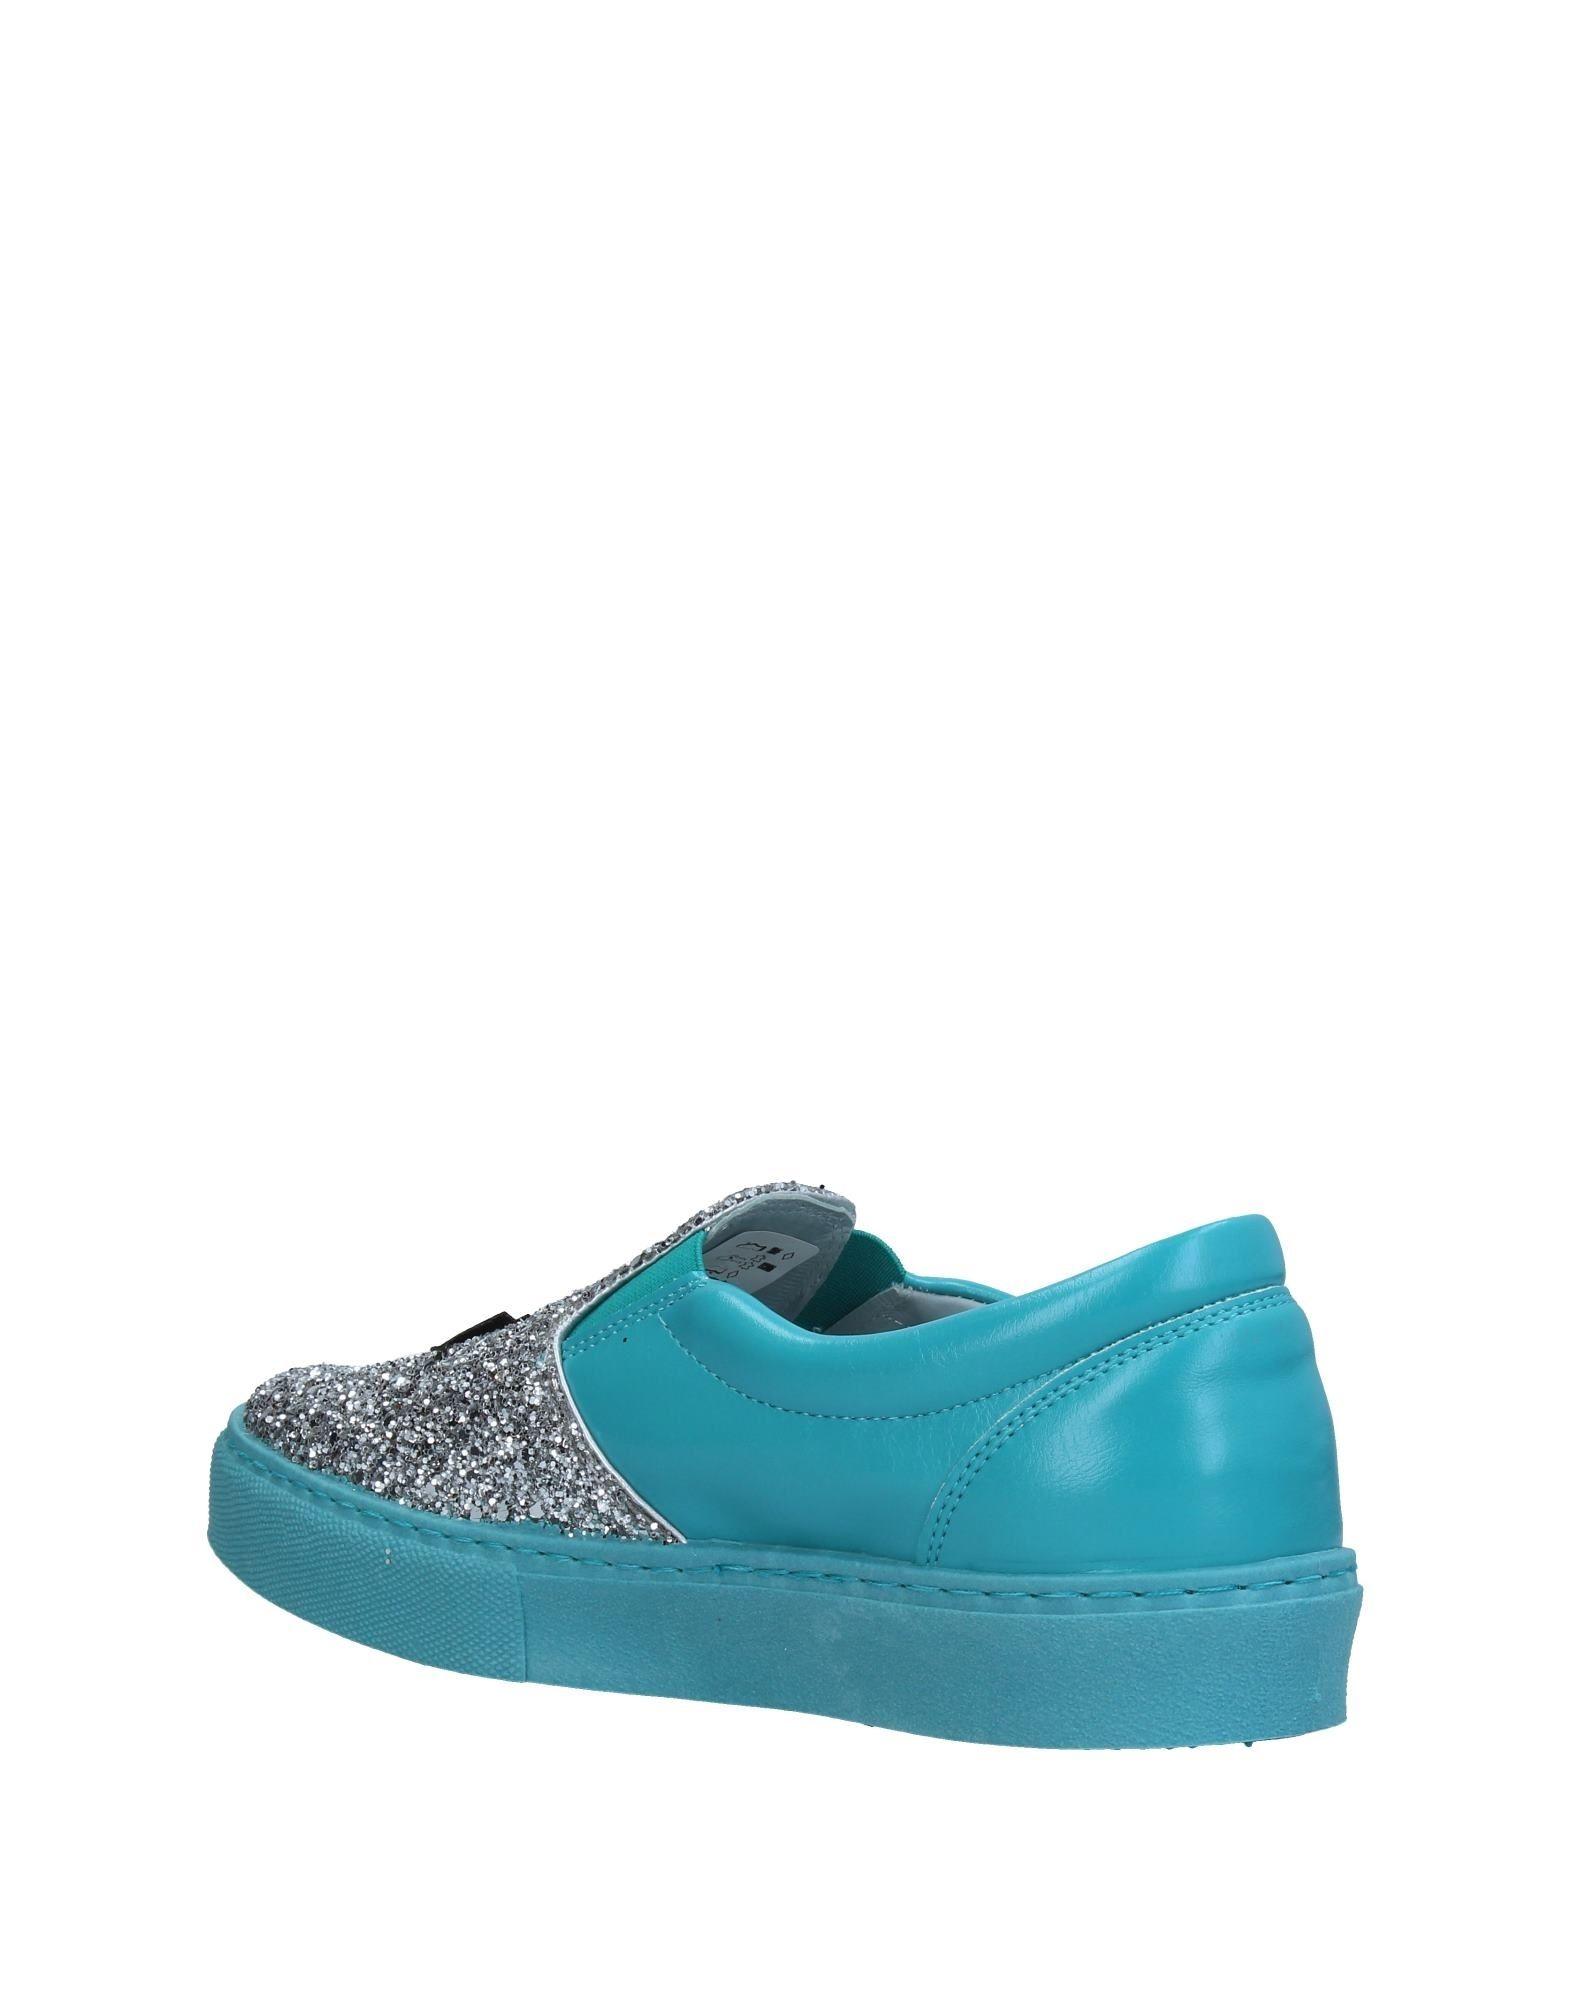 Chiara Ferragni Sneakers Damen  11373420TP Gute Qualität beliebte Schuhe